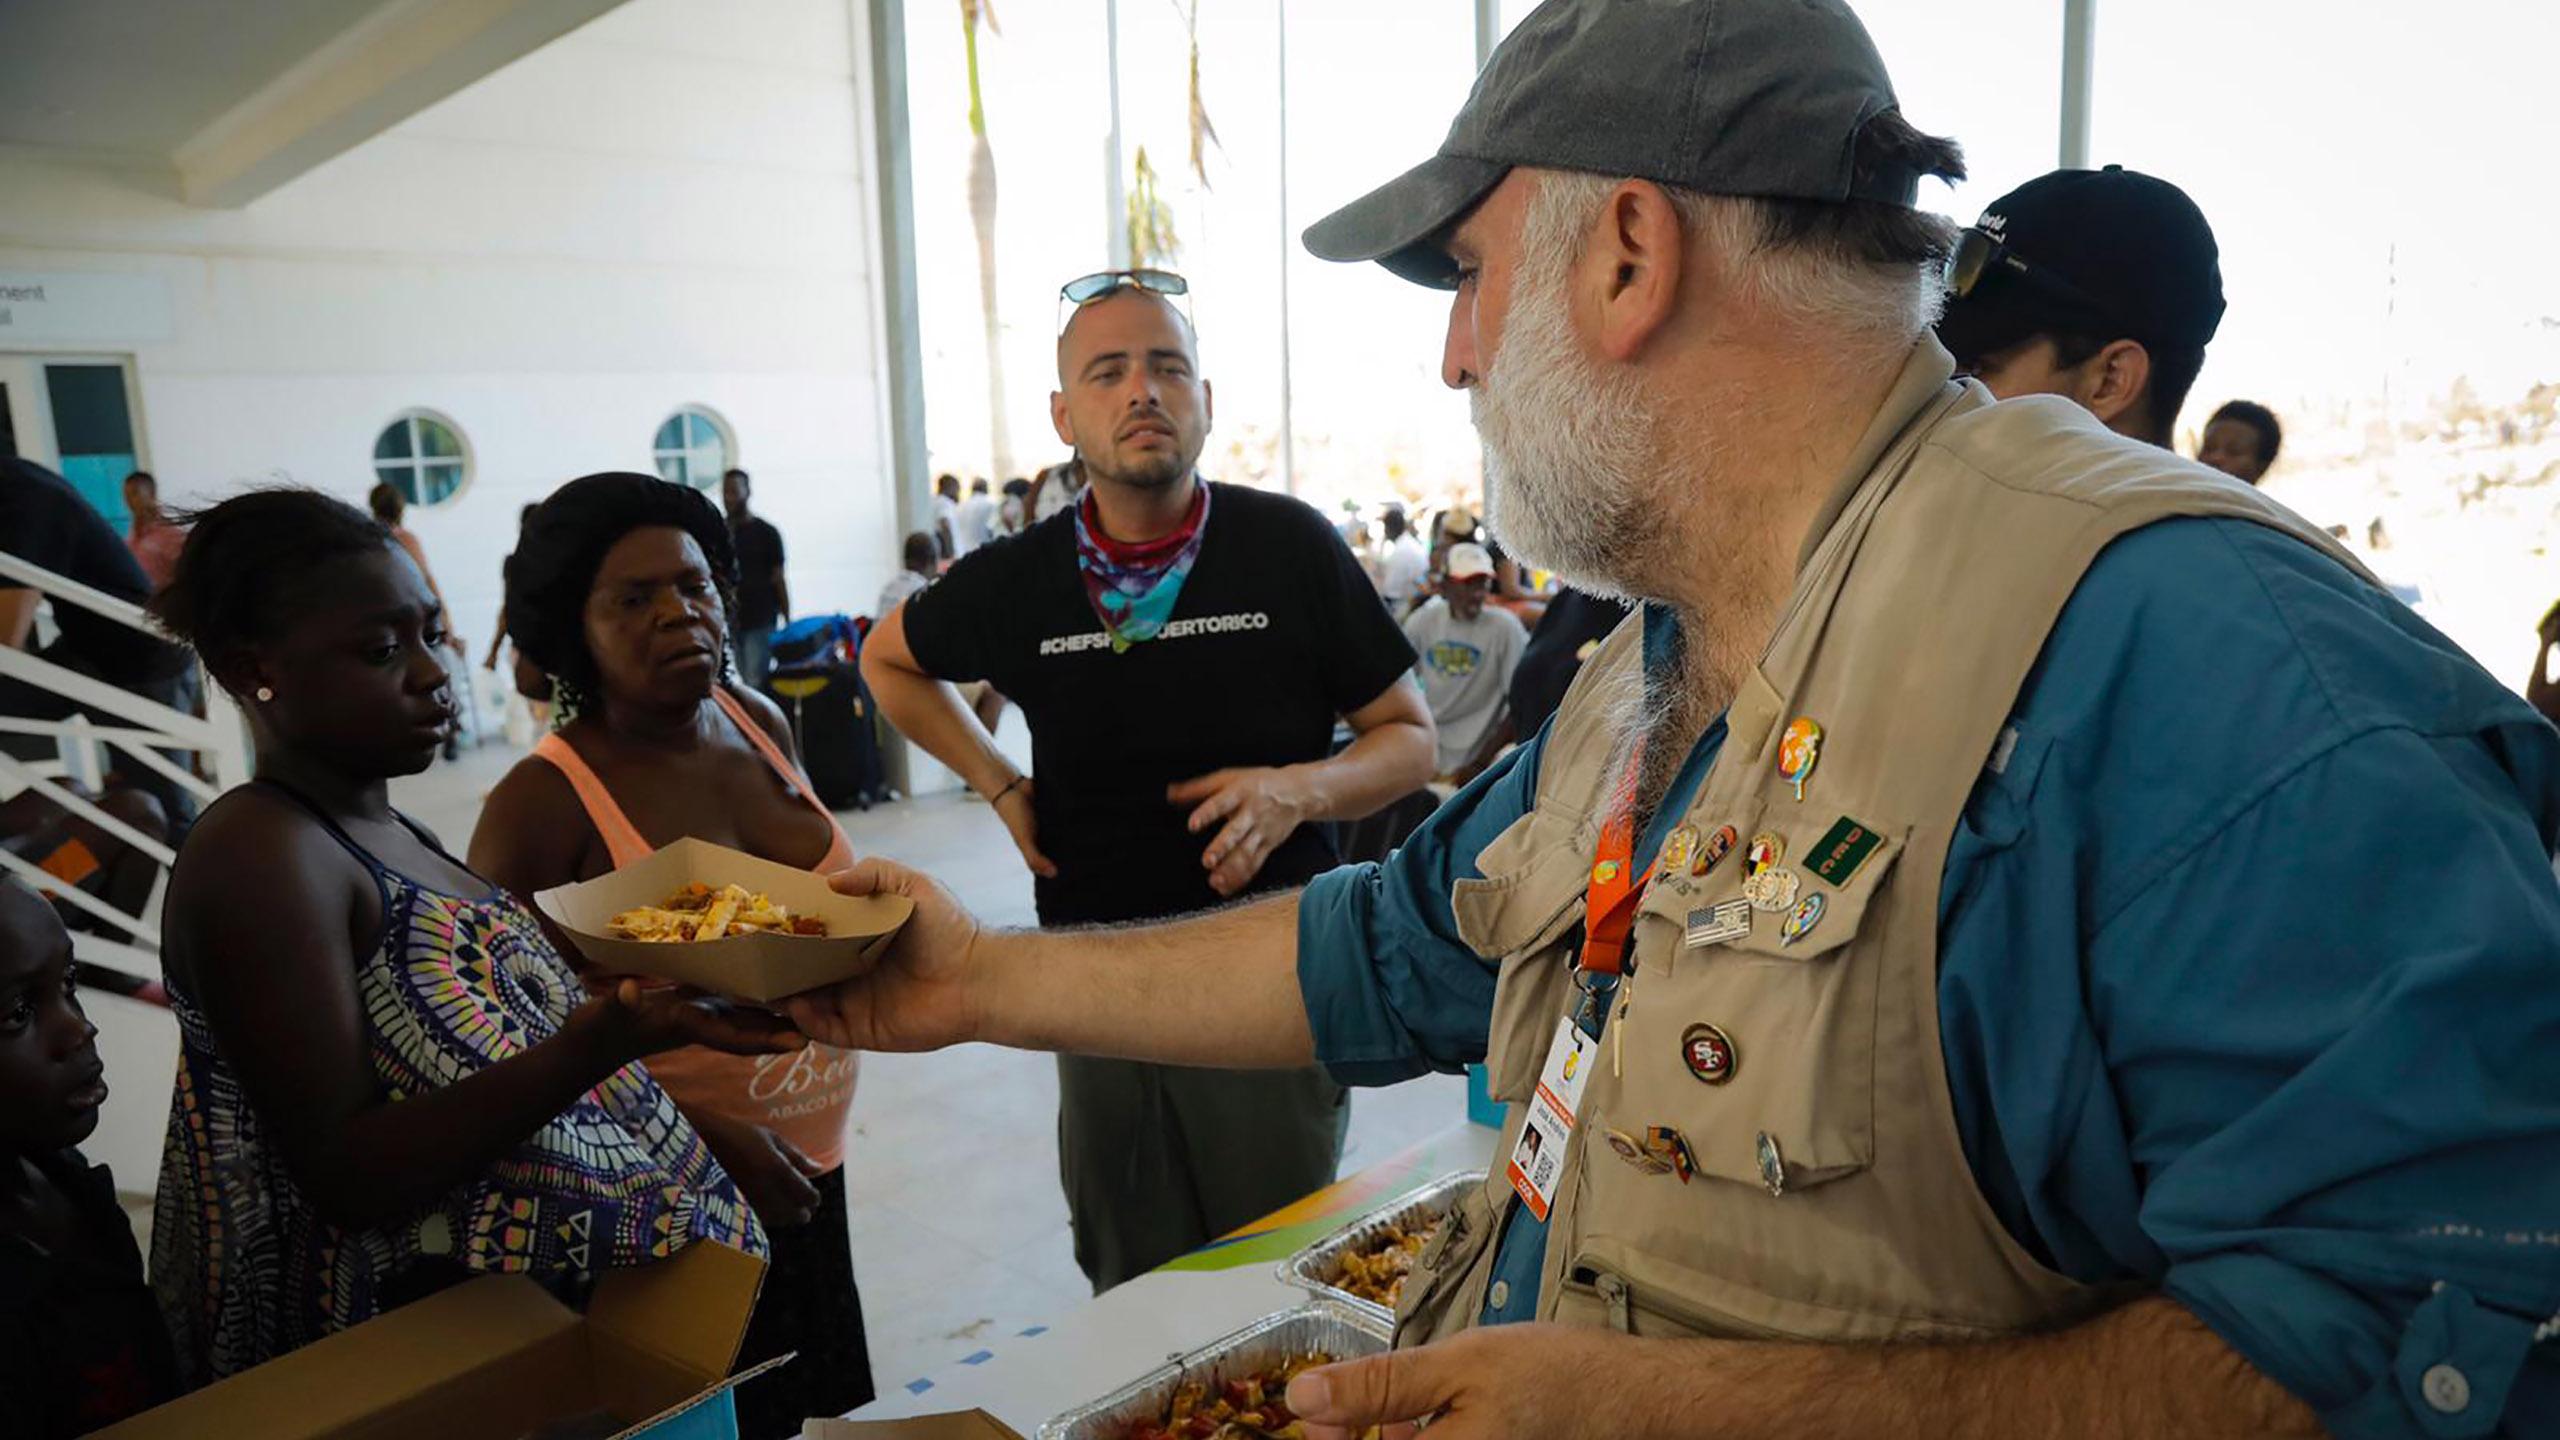 comidas solidarias en tiempos de coronavirus, World Central Kitchen, José Andrés